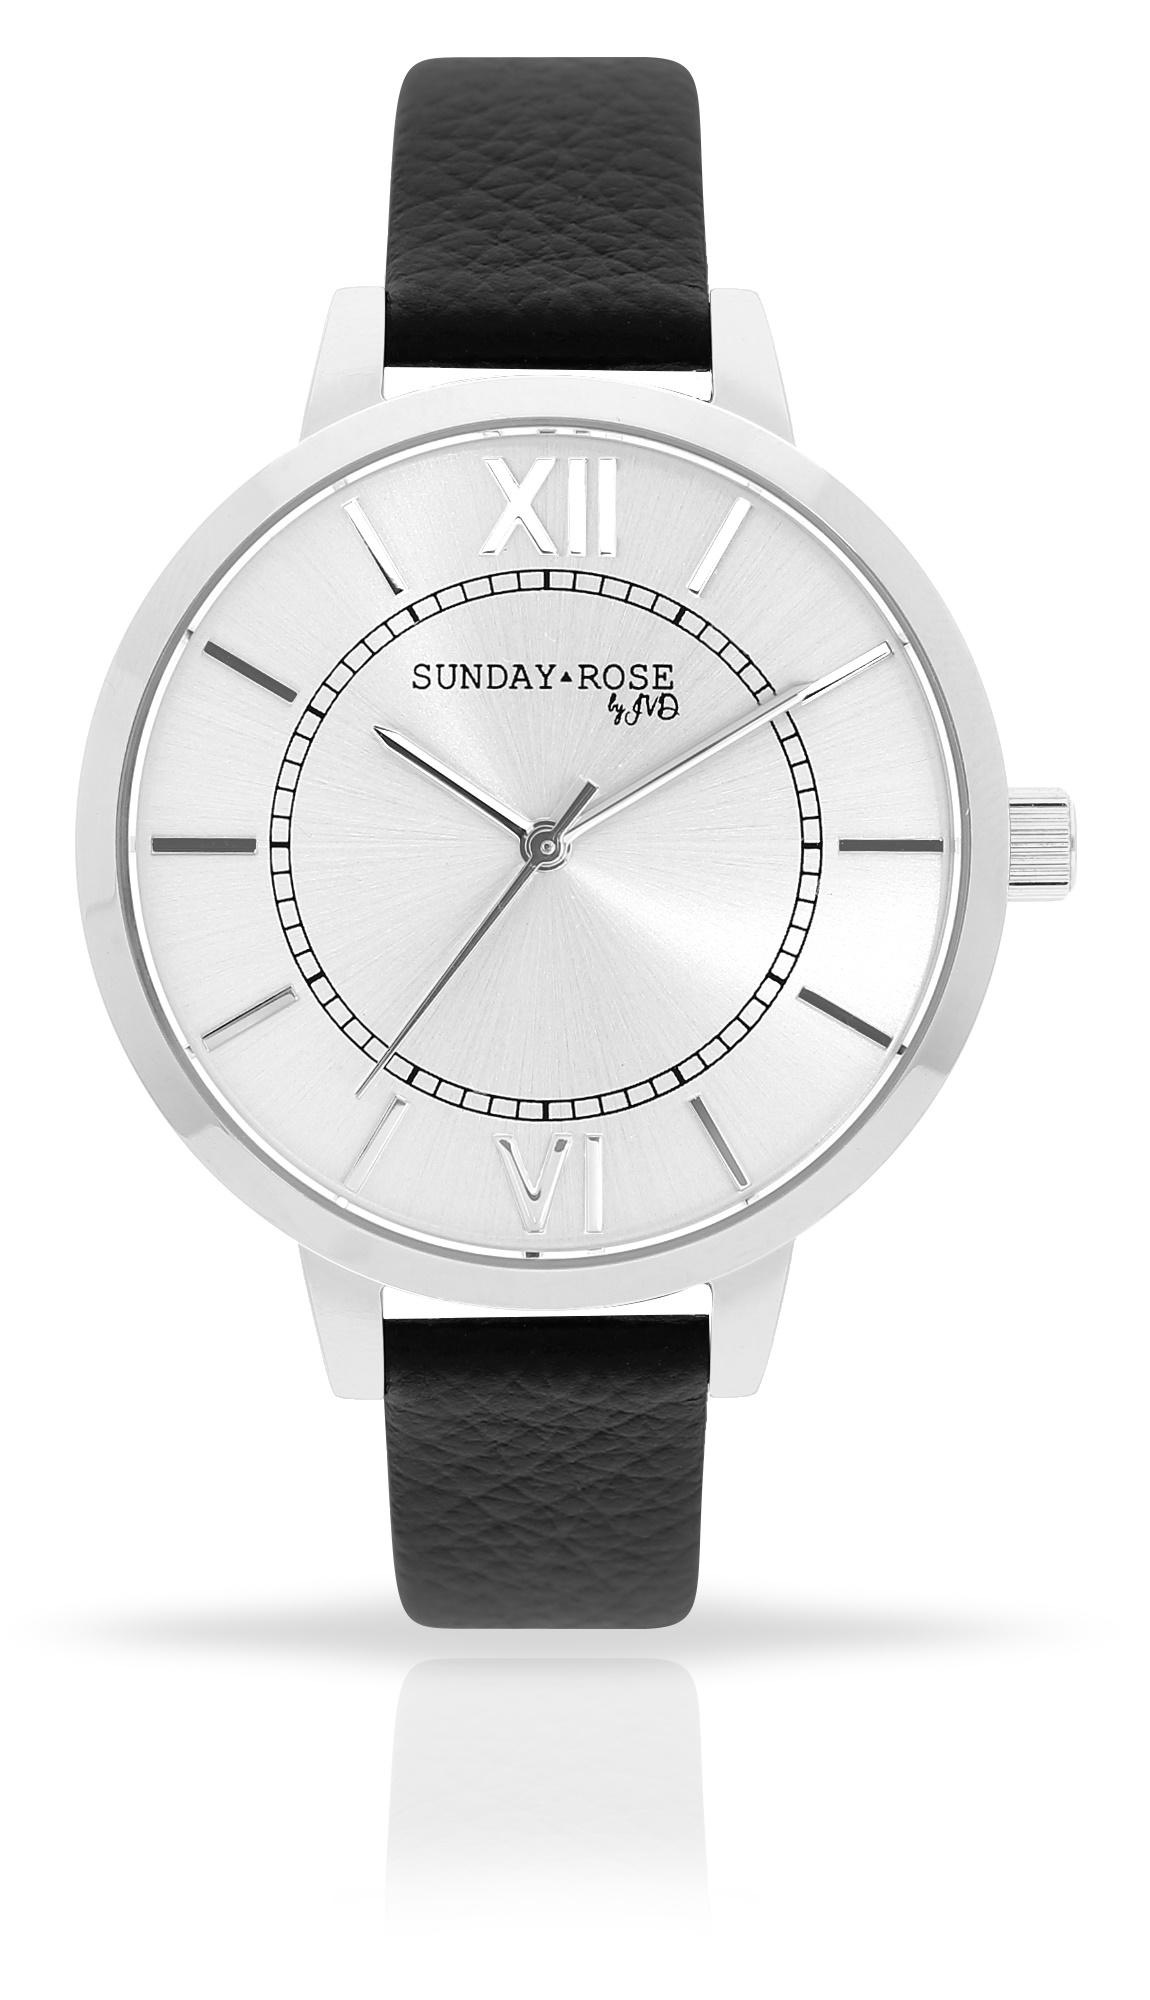 Dámské luxusní designové hodinky SUNDAY ROSE Classic FOREVER BLACK (POŠTOVNÉ ZDARMA!!)